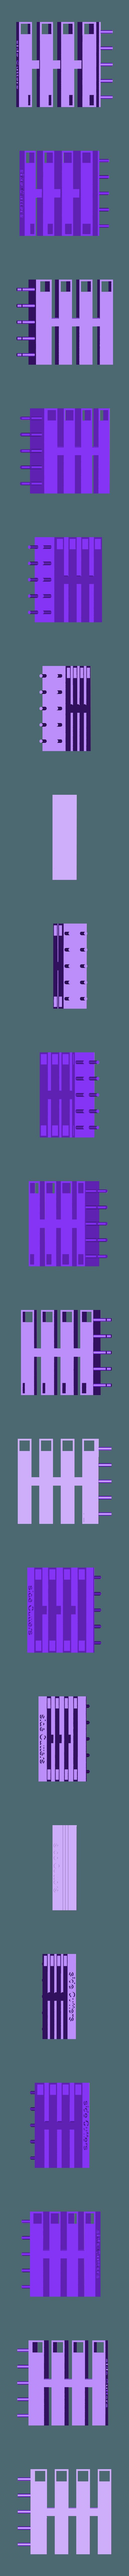 side_cutters_PEG_BOARD_19_mm_v1.stl Télécharger fichier STL gratuit Support pour pinces coupantes de côté (planche à cheviller 19 mm) • Plan à imprimer en 3D, simonlewis962